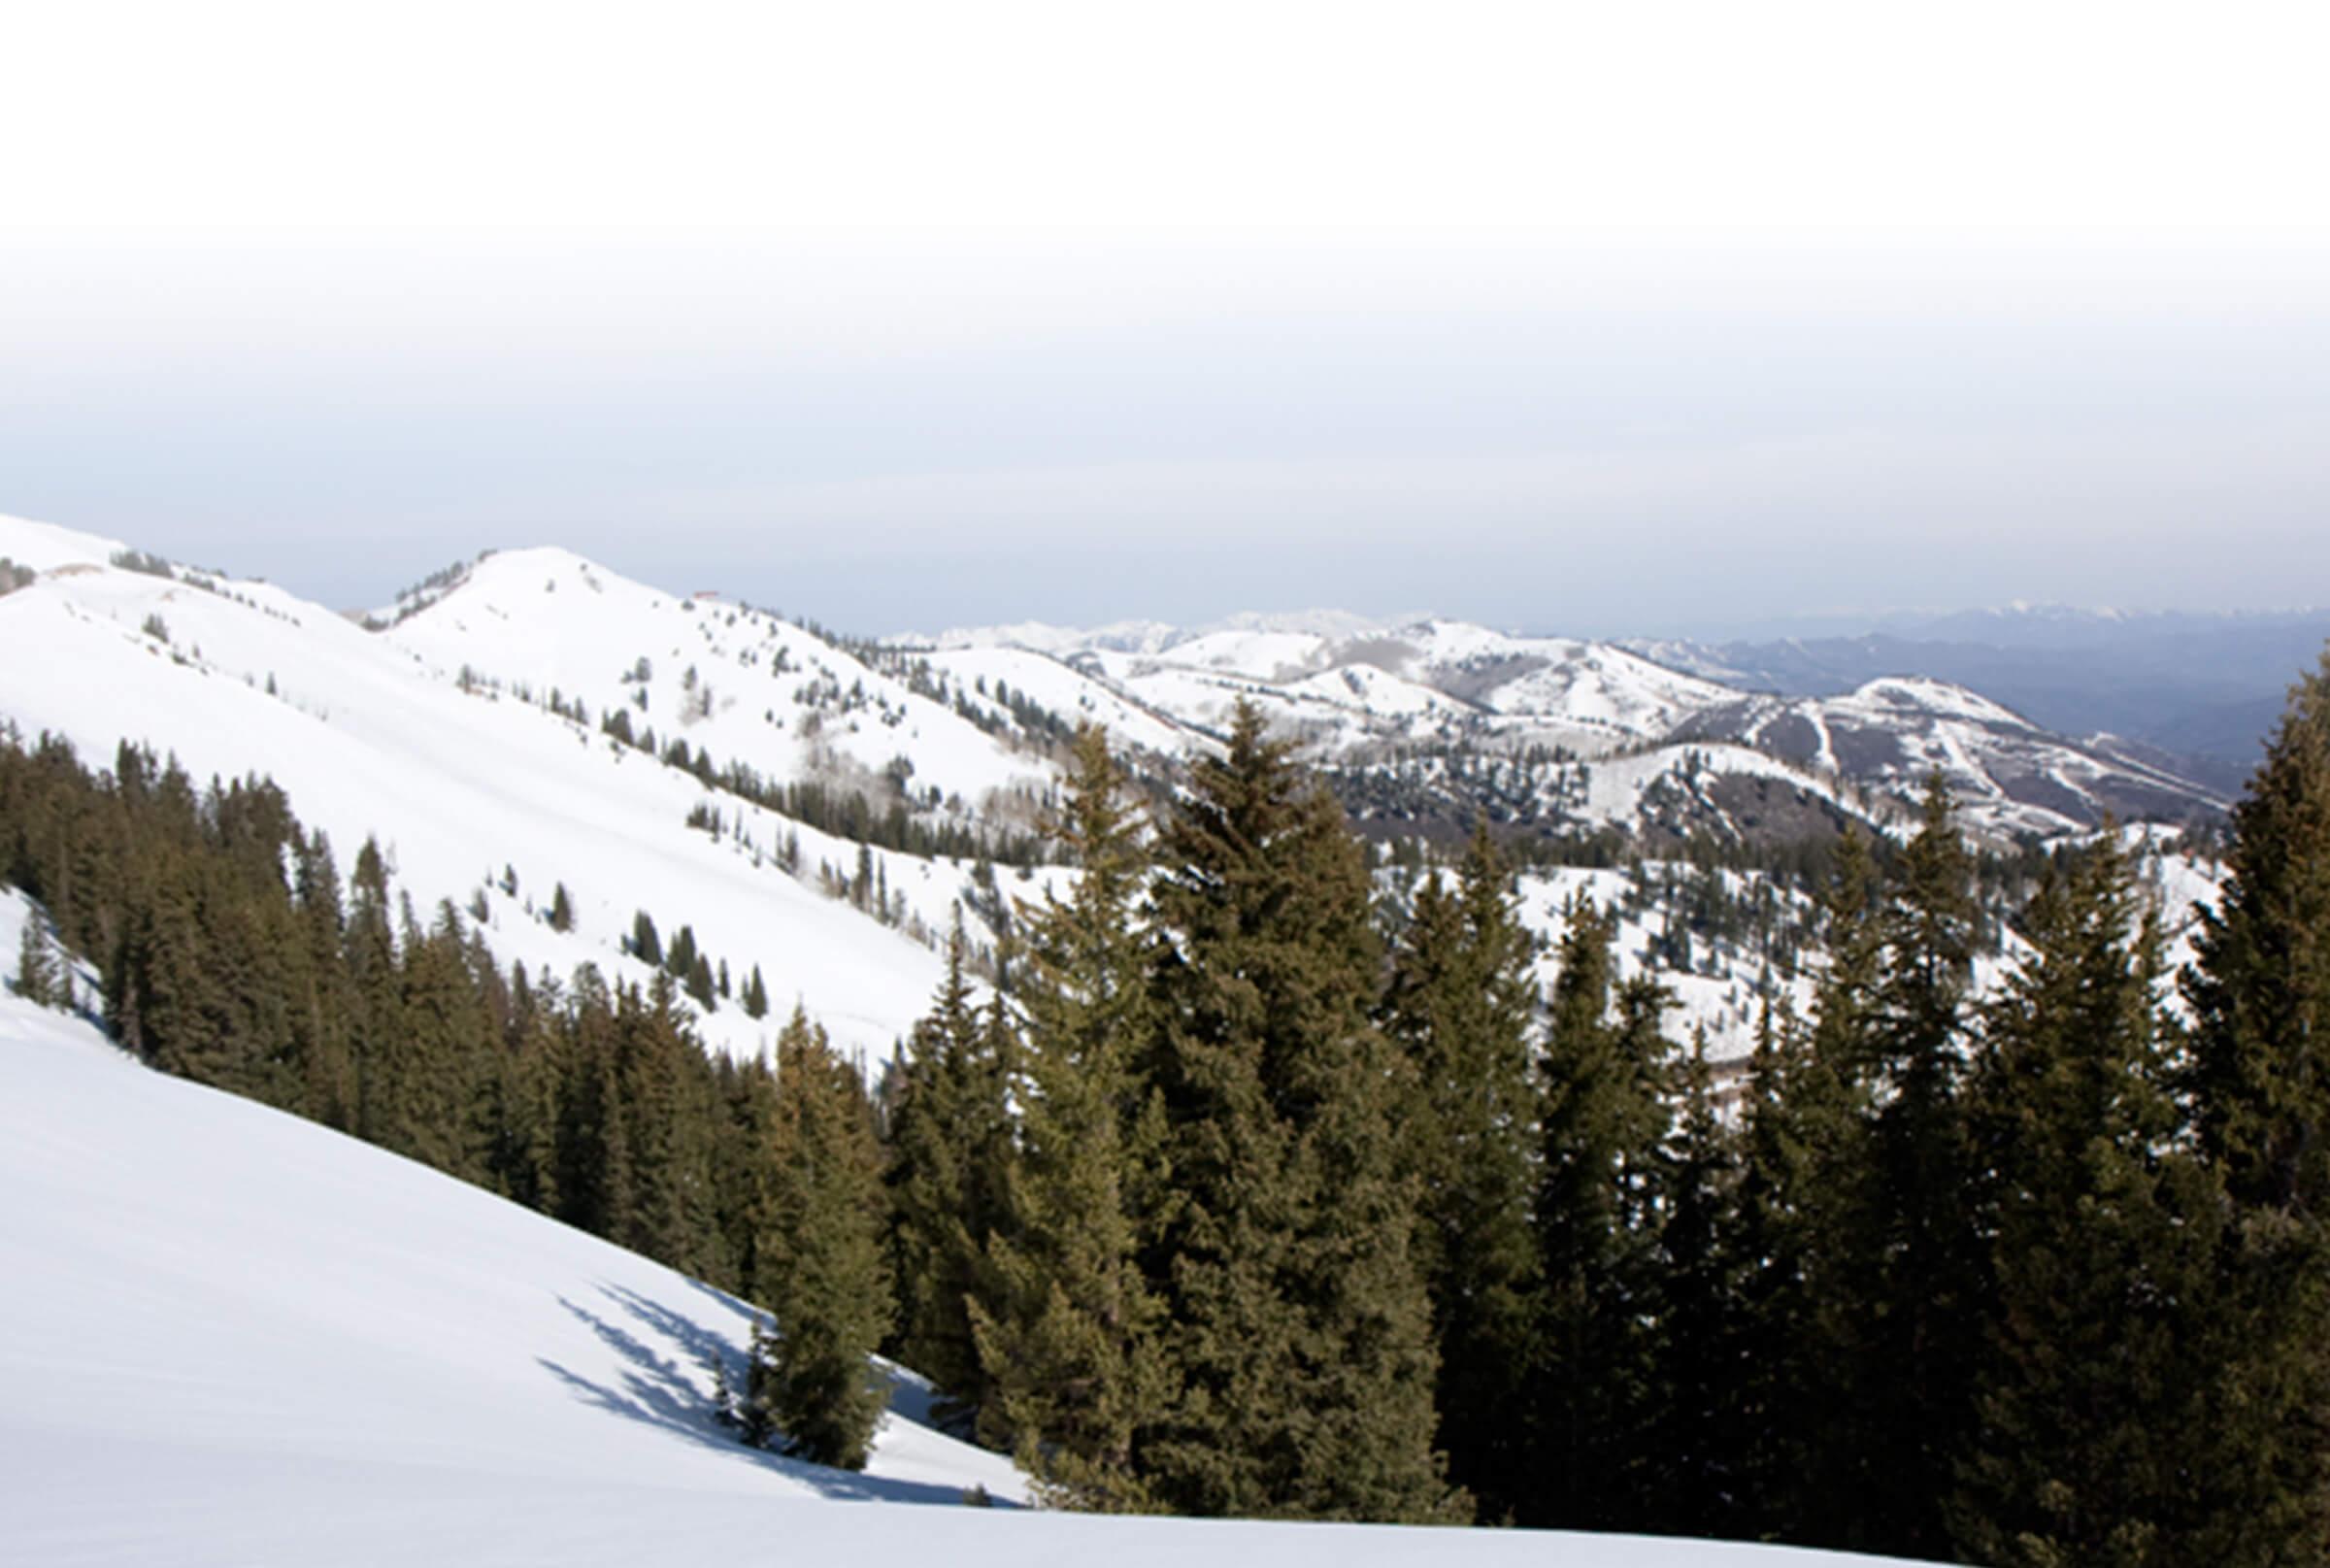 Ski Slopes at Park City Skiing Resort in Utah | Westgate Park City Resort & Spa | Westgate Ski Resorts